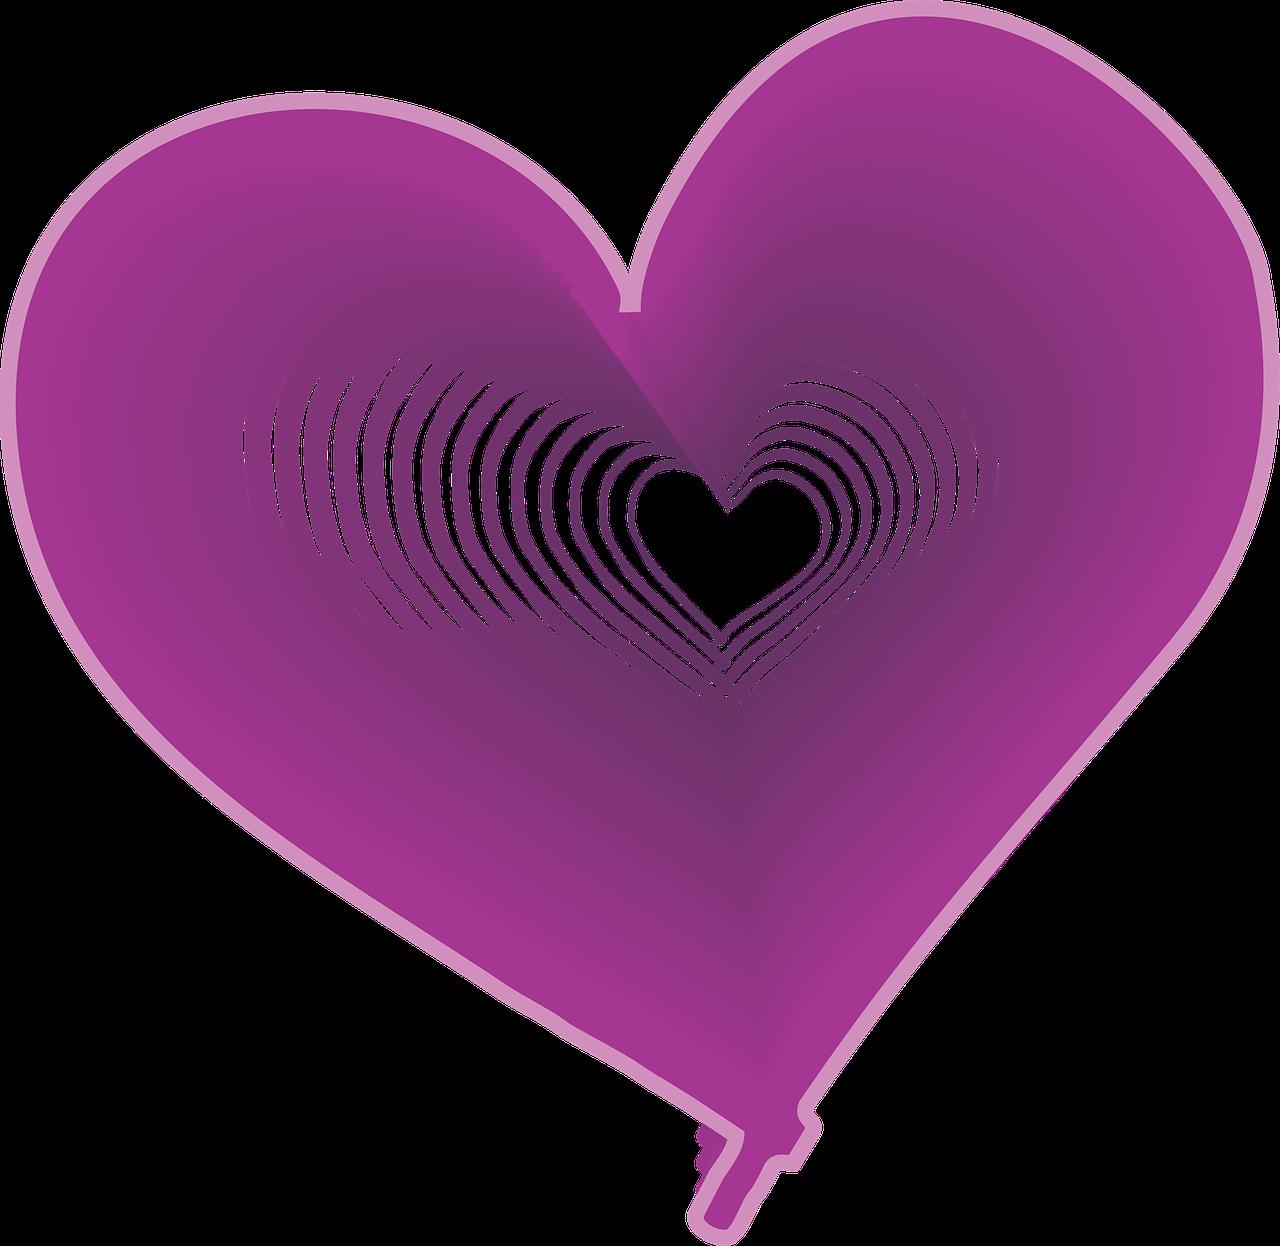 Сердечко фиолетовое картинки